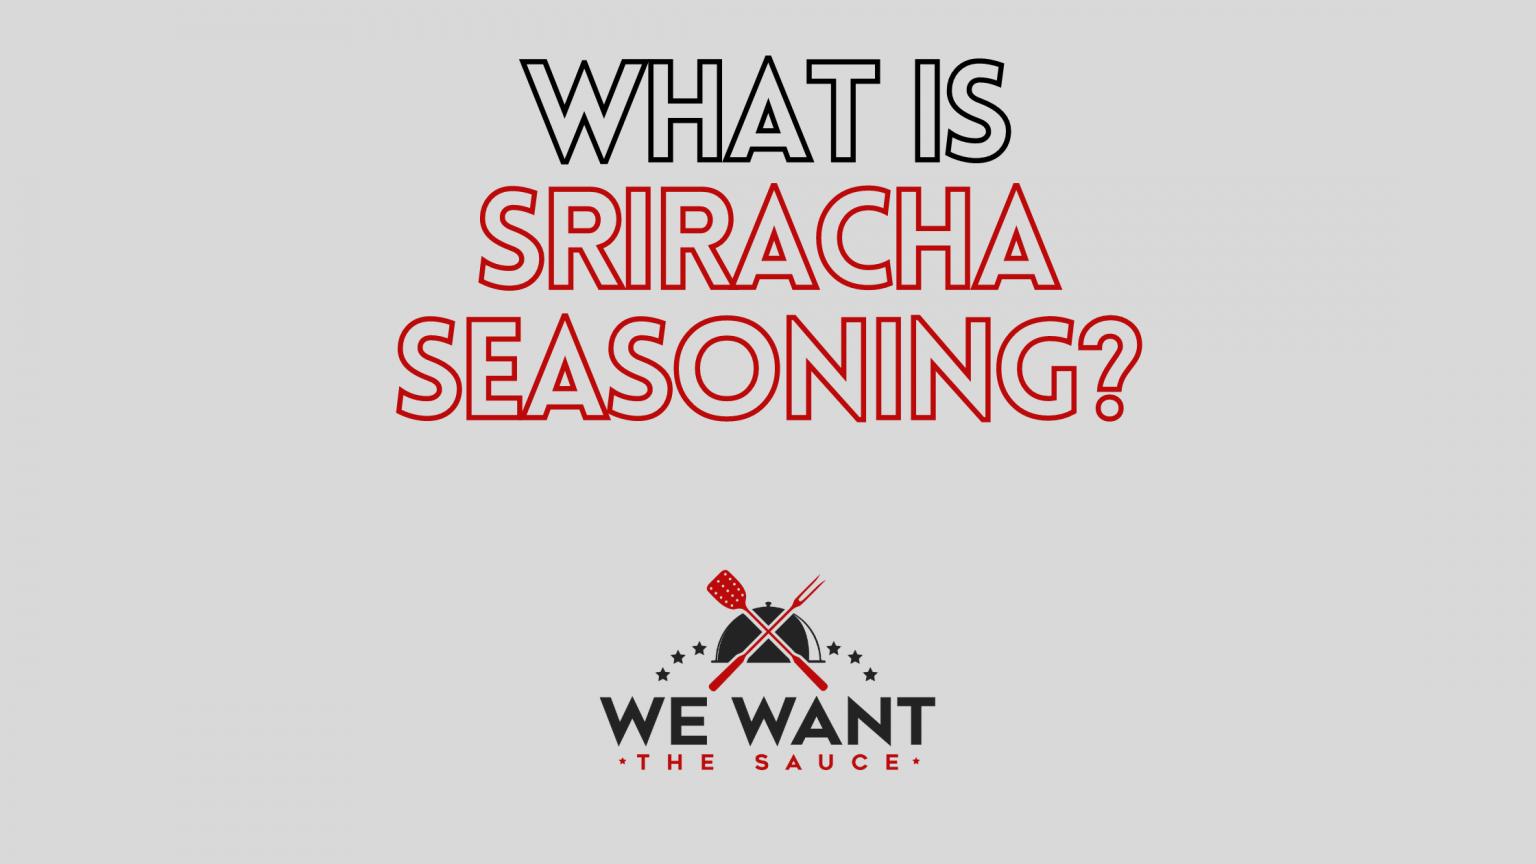 What Is Sriracha Seasoning?